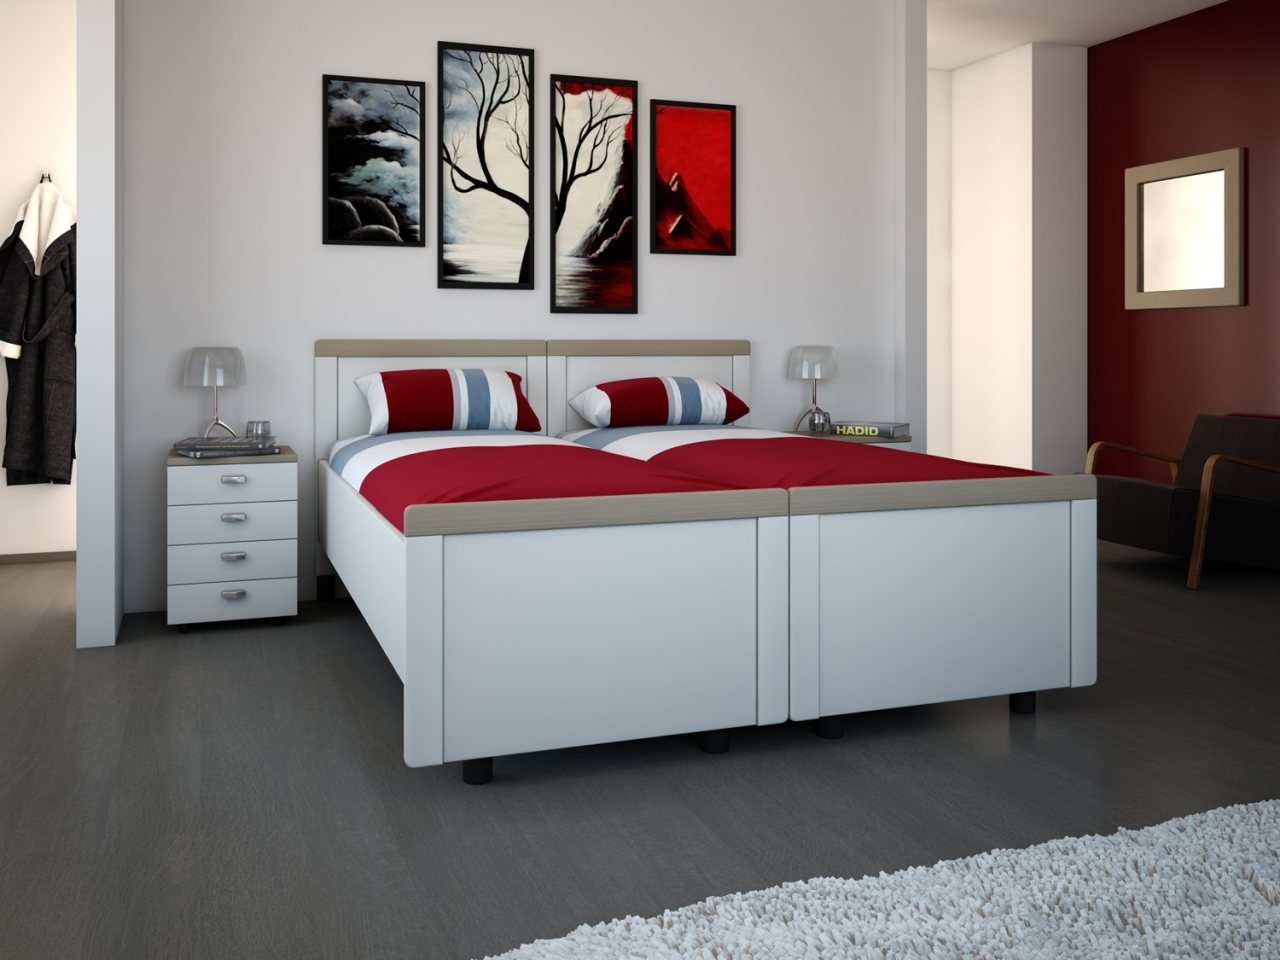 Slaapkamer Kastjes Modellen : Zondag nederlandse slaapkamer fabrikant slaapkamer kasten